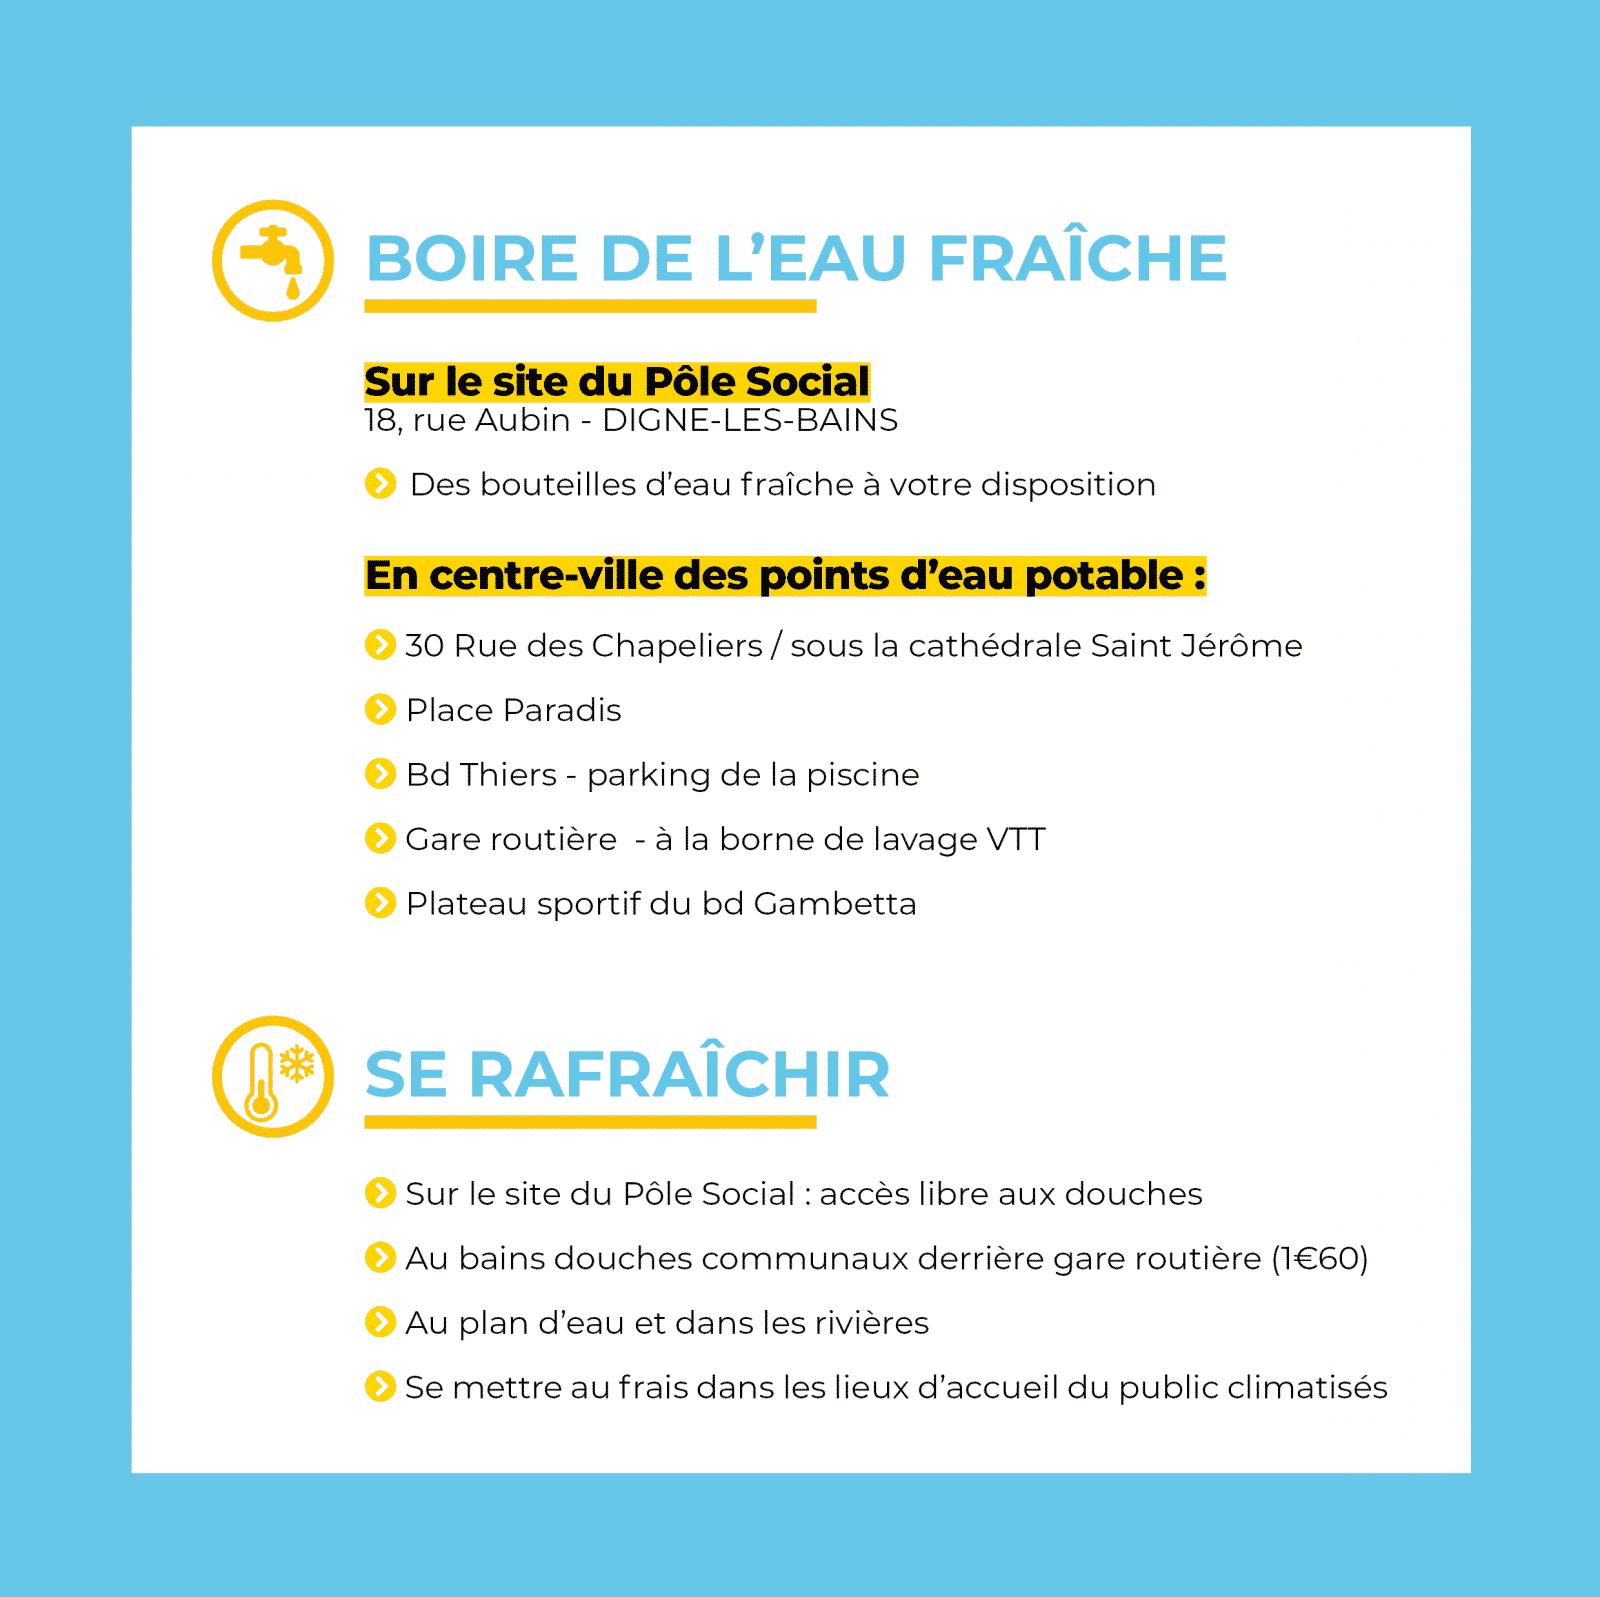 Vagues De Chaleur : Des Précautions À Prendre - Ville De ... tout Piscine Digne